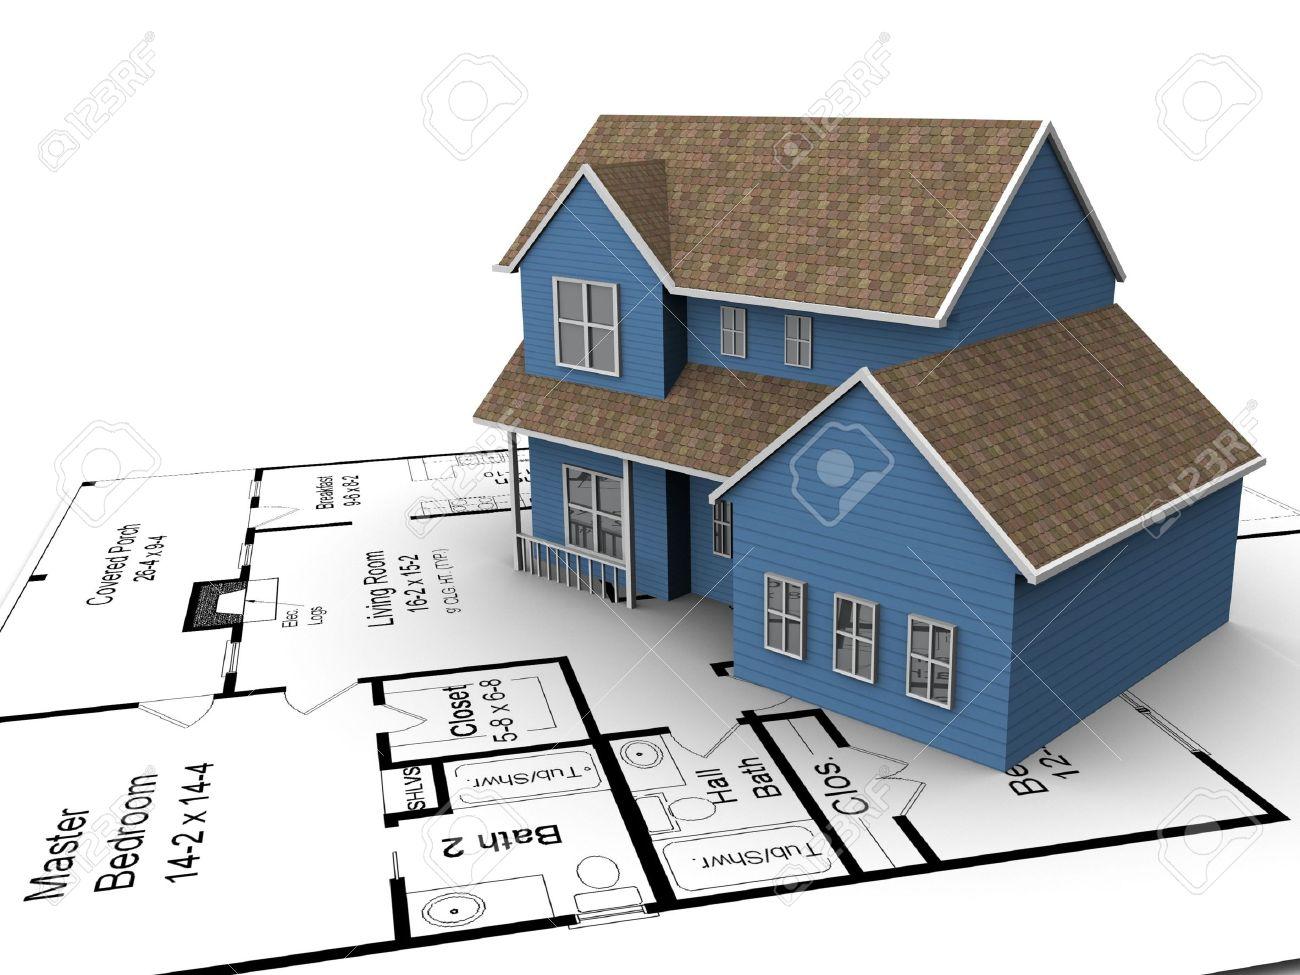 Các loại thuế phải nộp khi xây dựng nhà ở